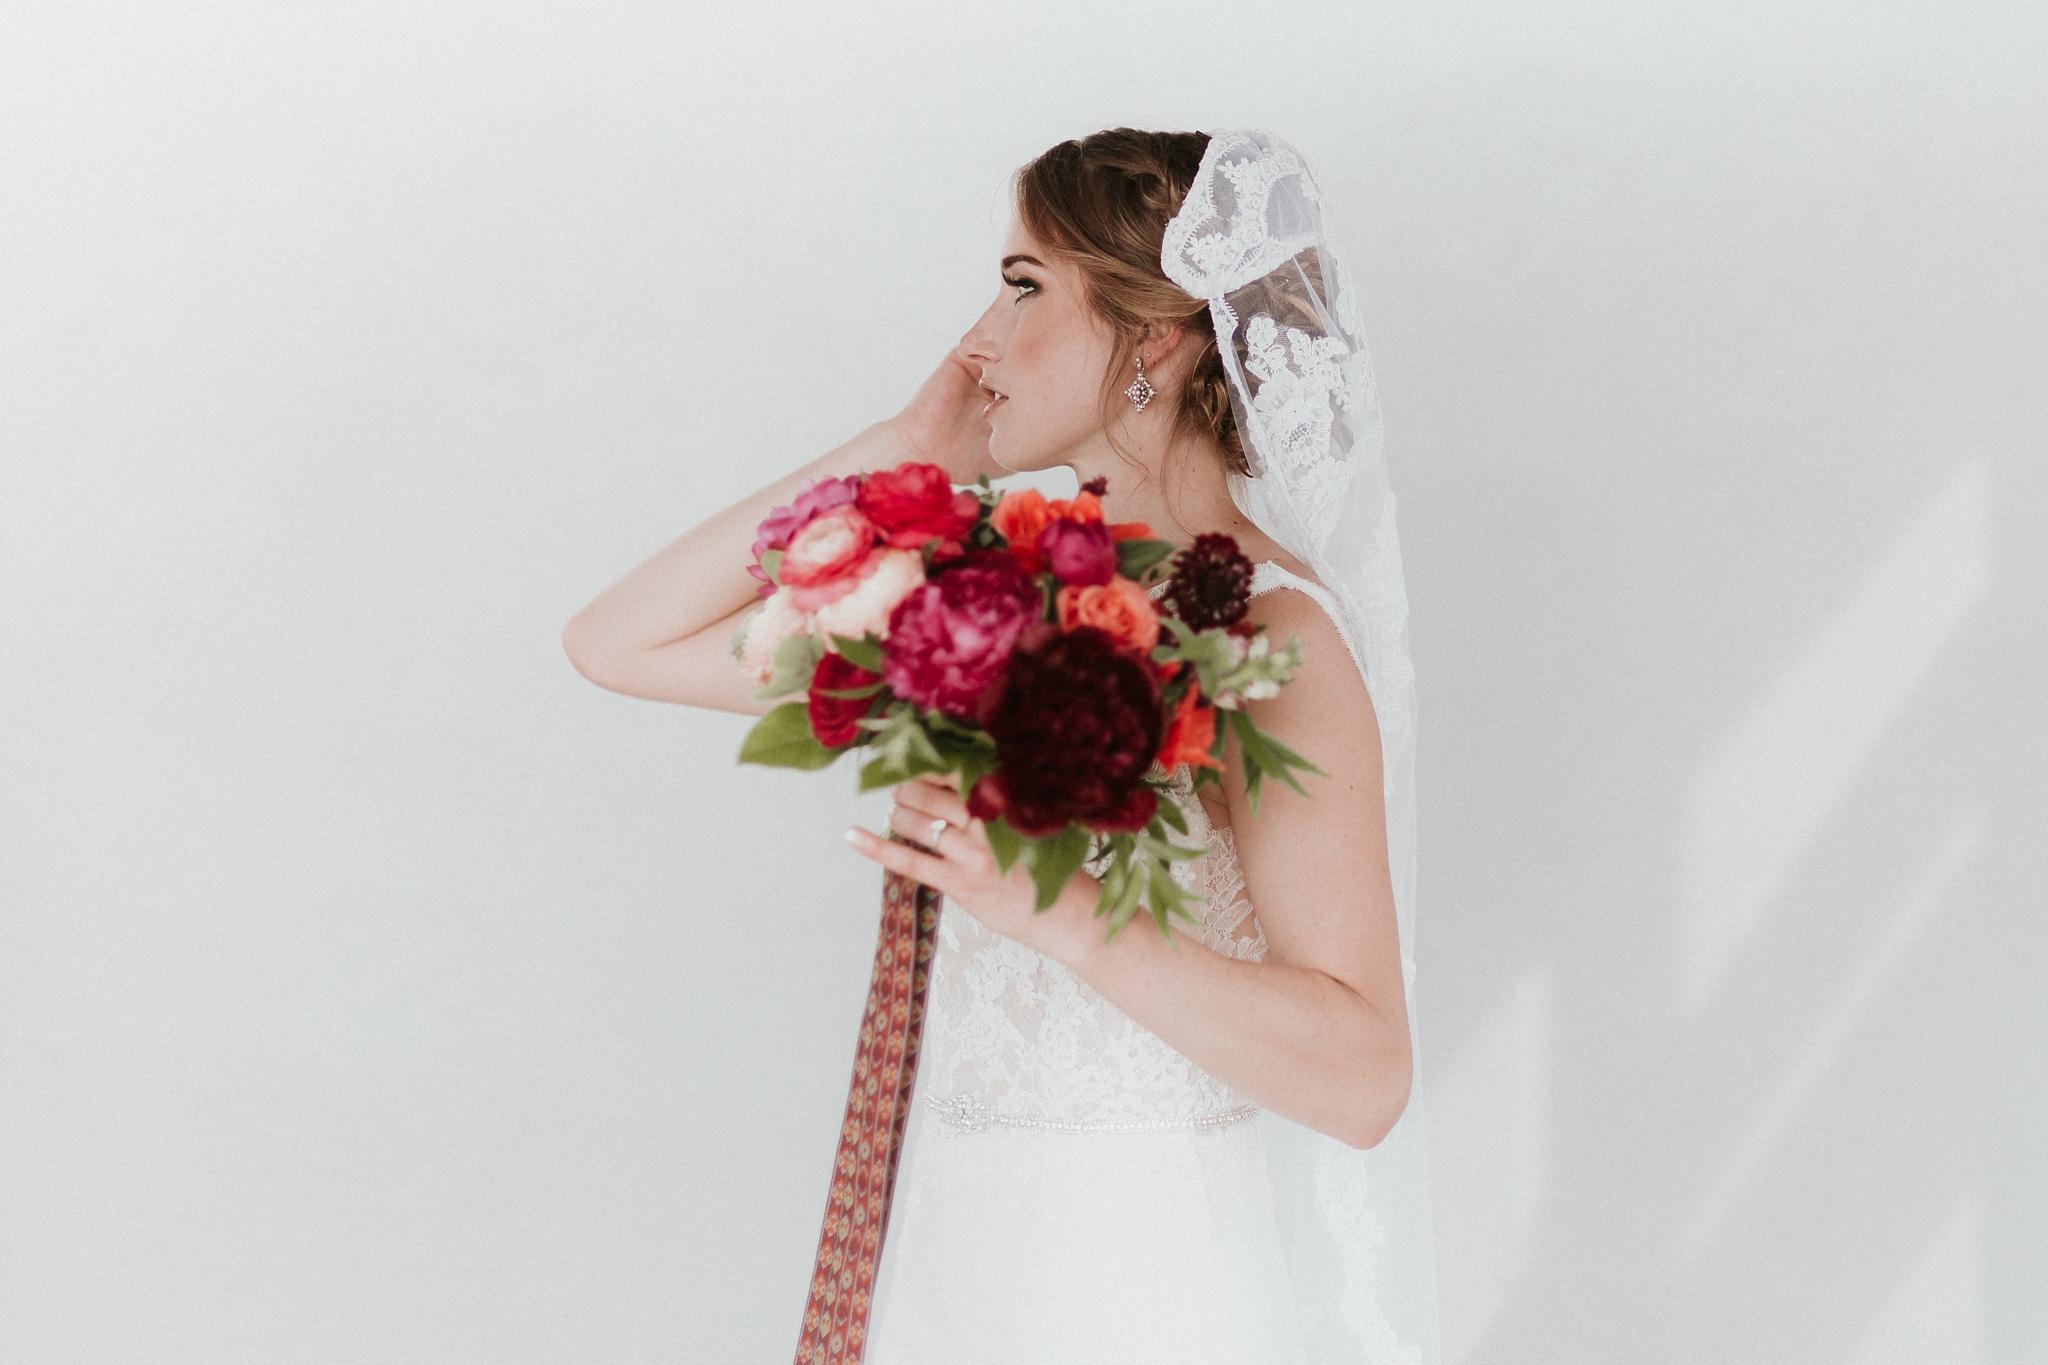 Alicia+lucia+photography+-+albuquerque+wedding+photographer+-+santa+fe+wedding+photography+-+new+mexico+wedding+photographer+-+new+mexico+wedding+-+wedding+photographer+-+wedding+photographer+team_0191.jpg